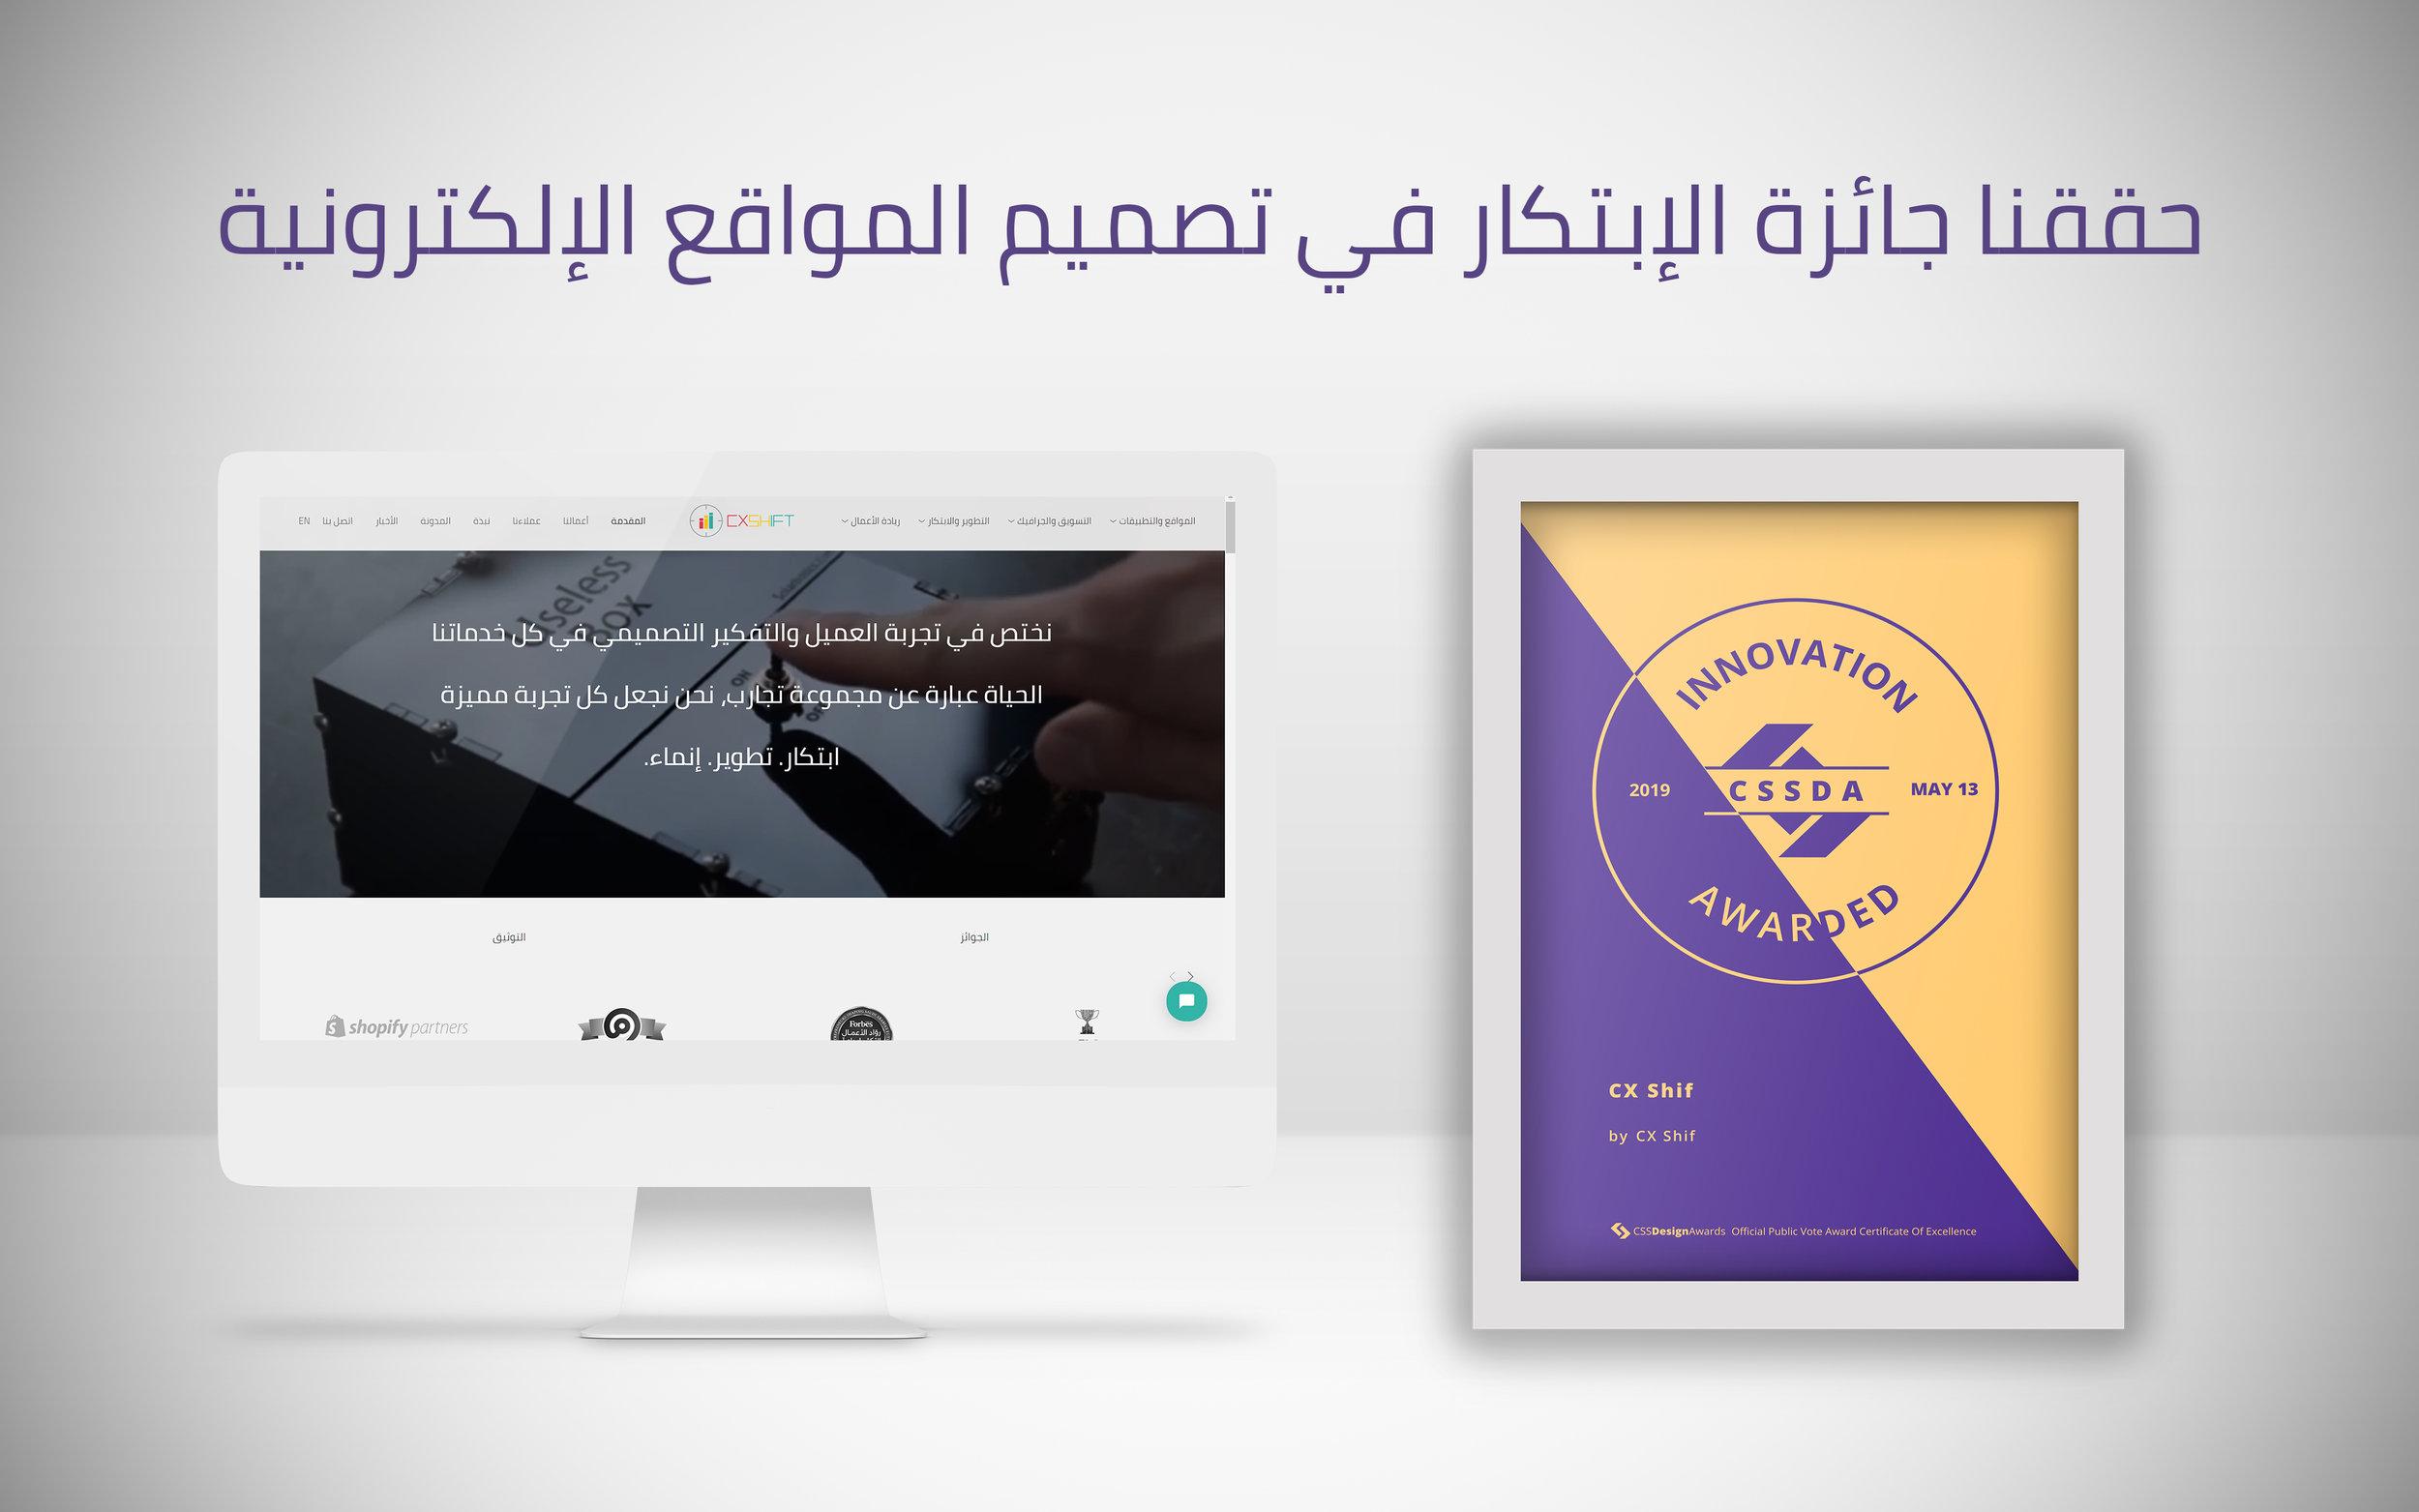 حققنا جائزة الإبتكار في تصميم المواقع الإلكترونية cx shift.jpg